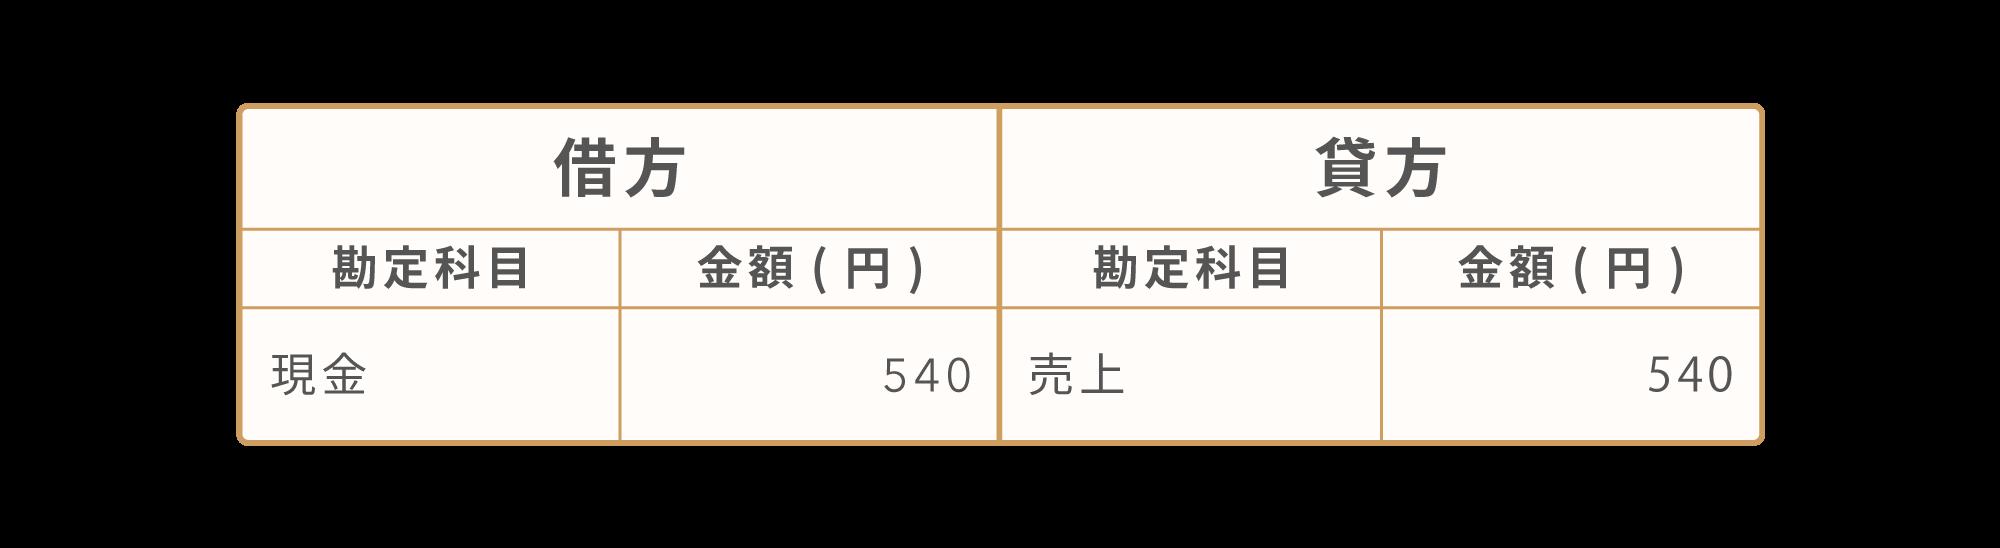 税込経理方式の場合[借方:現金540円、貸方:売上540円]